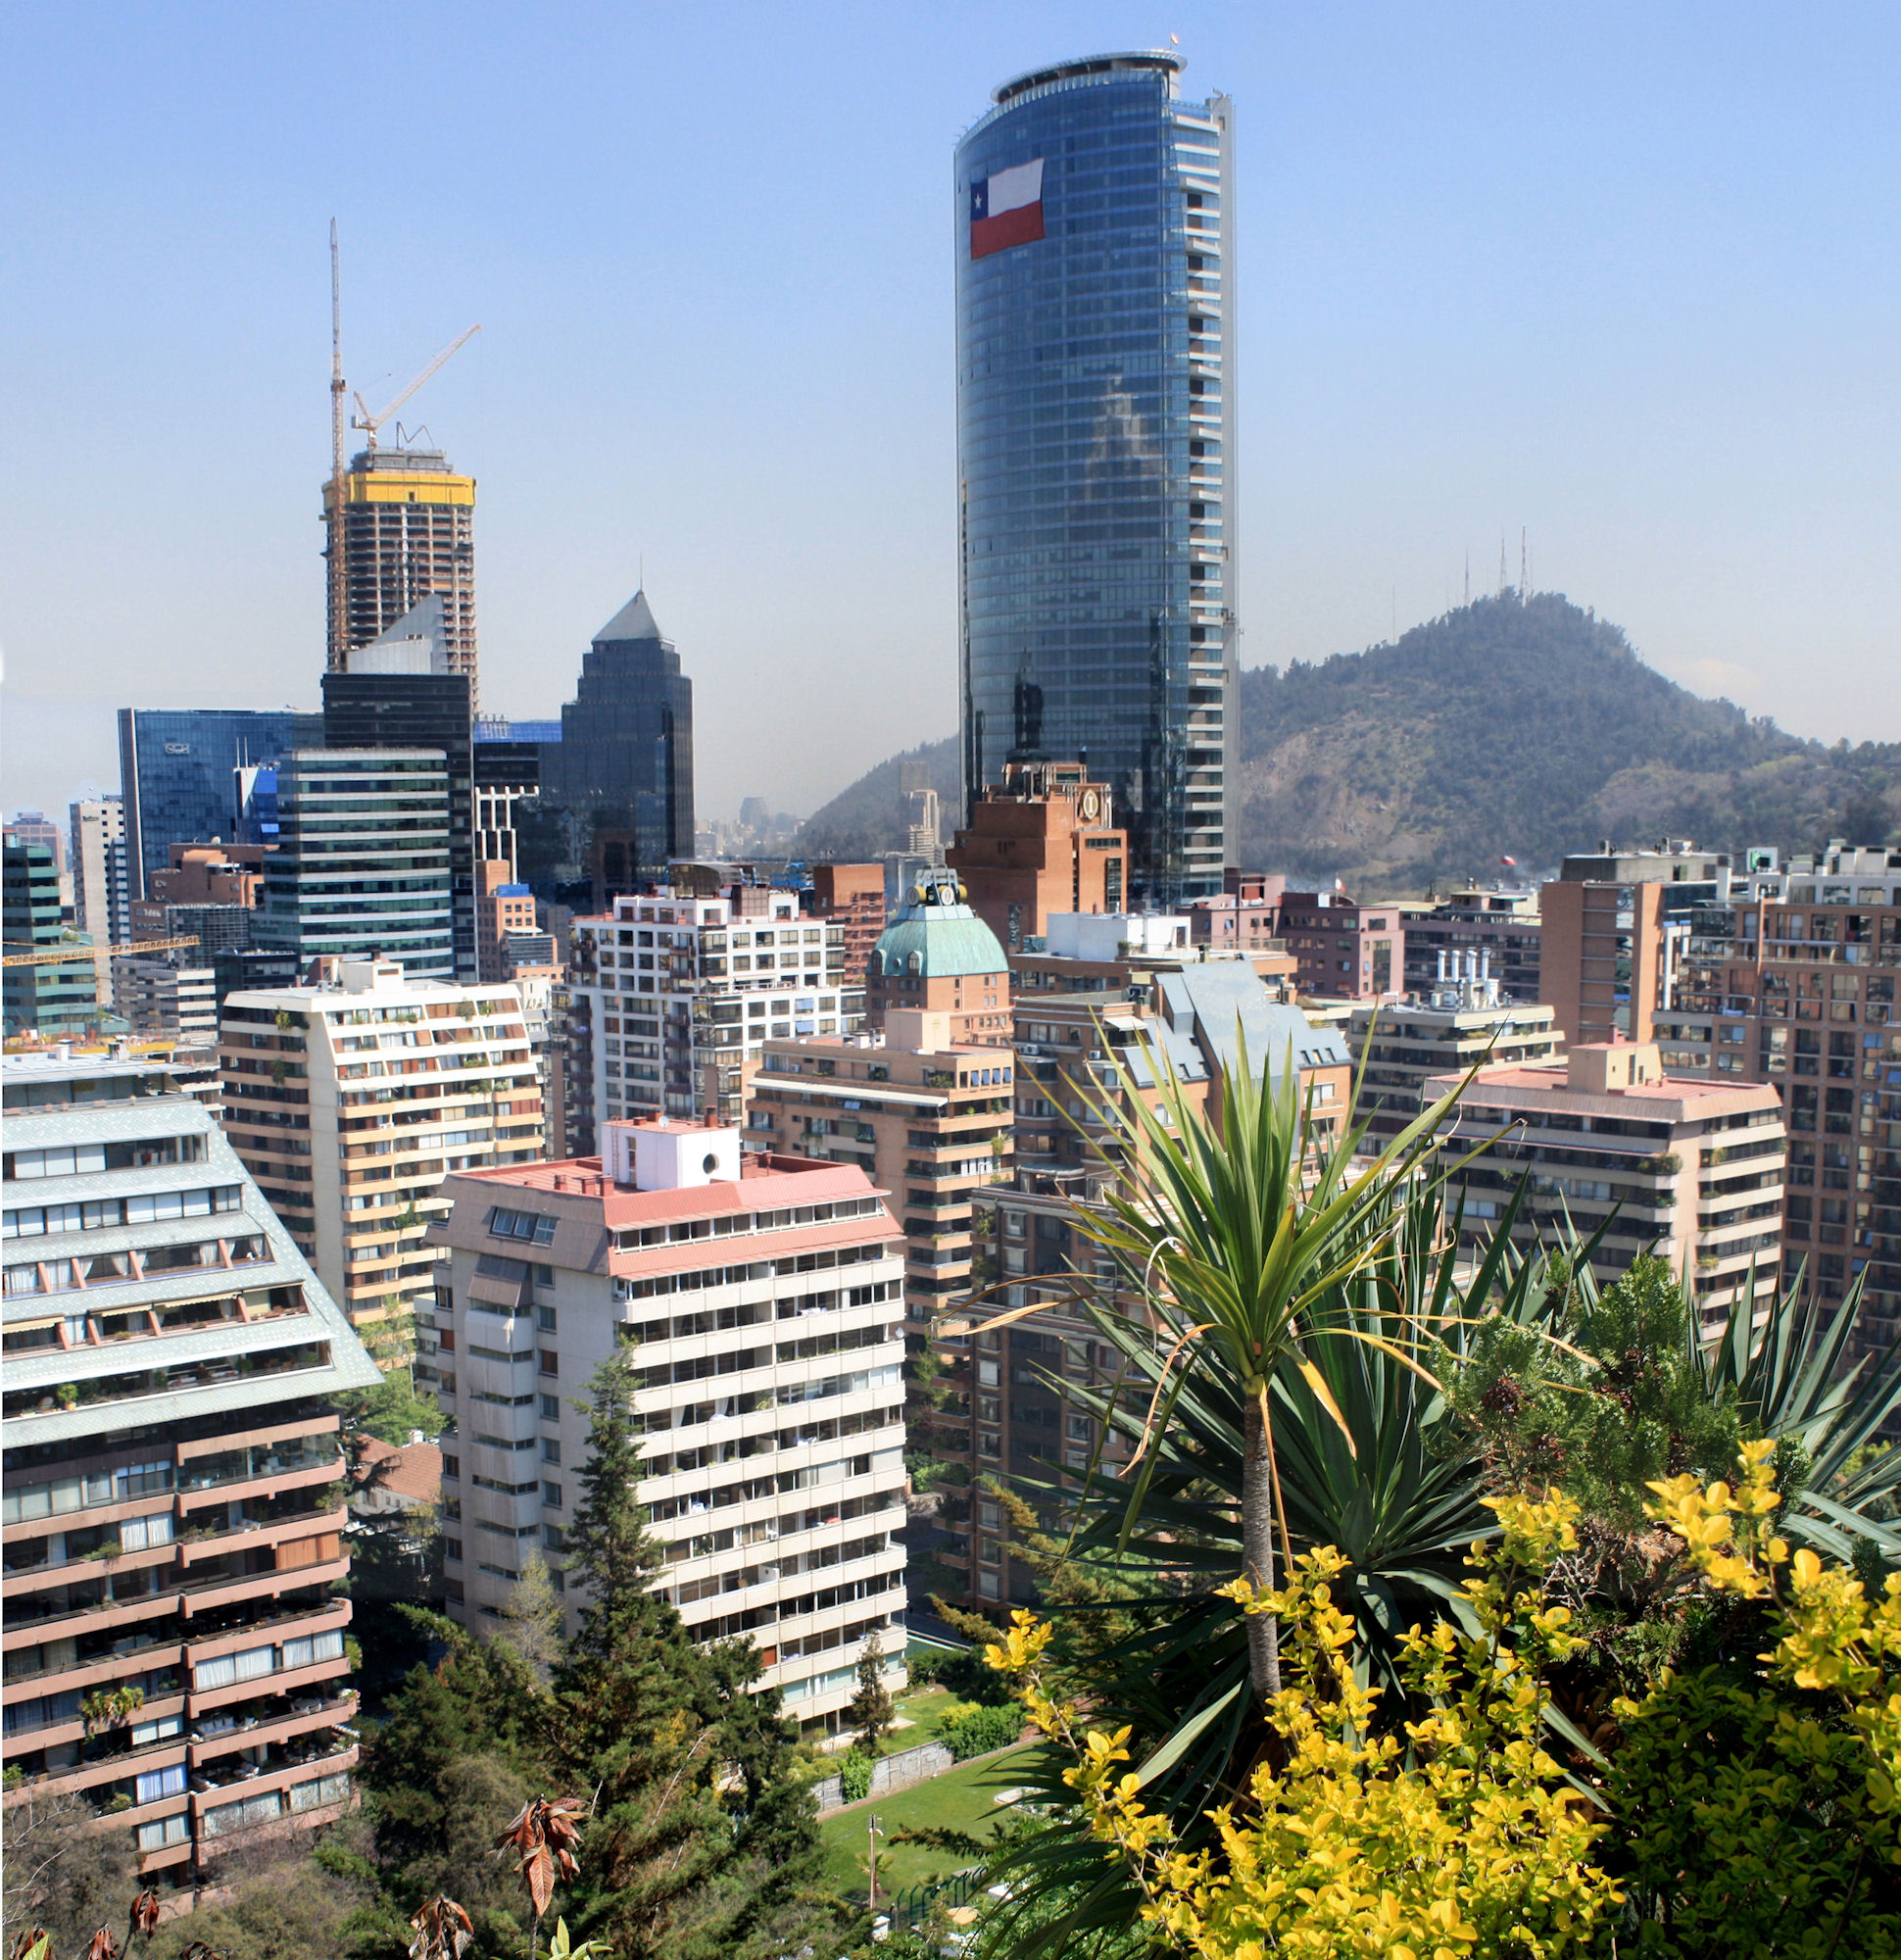 """Fotos de Santiago de Chile: """"la metropolis de Chile"""